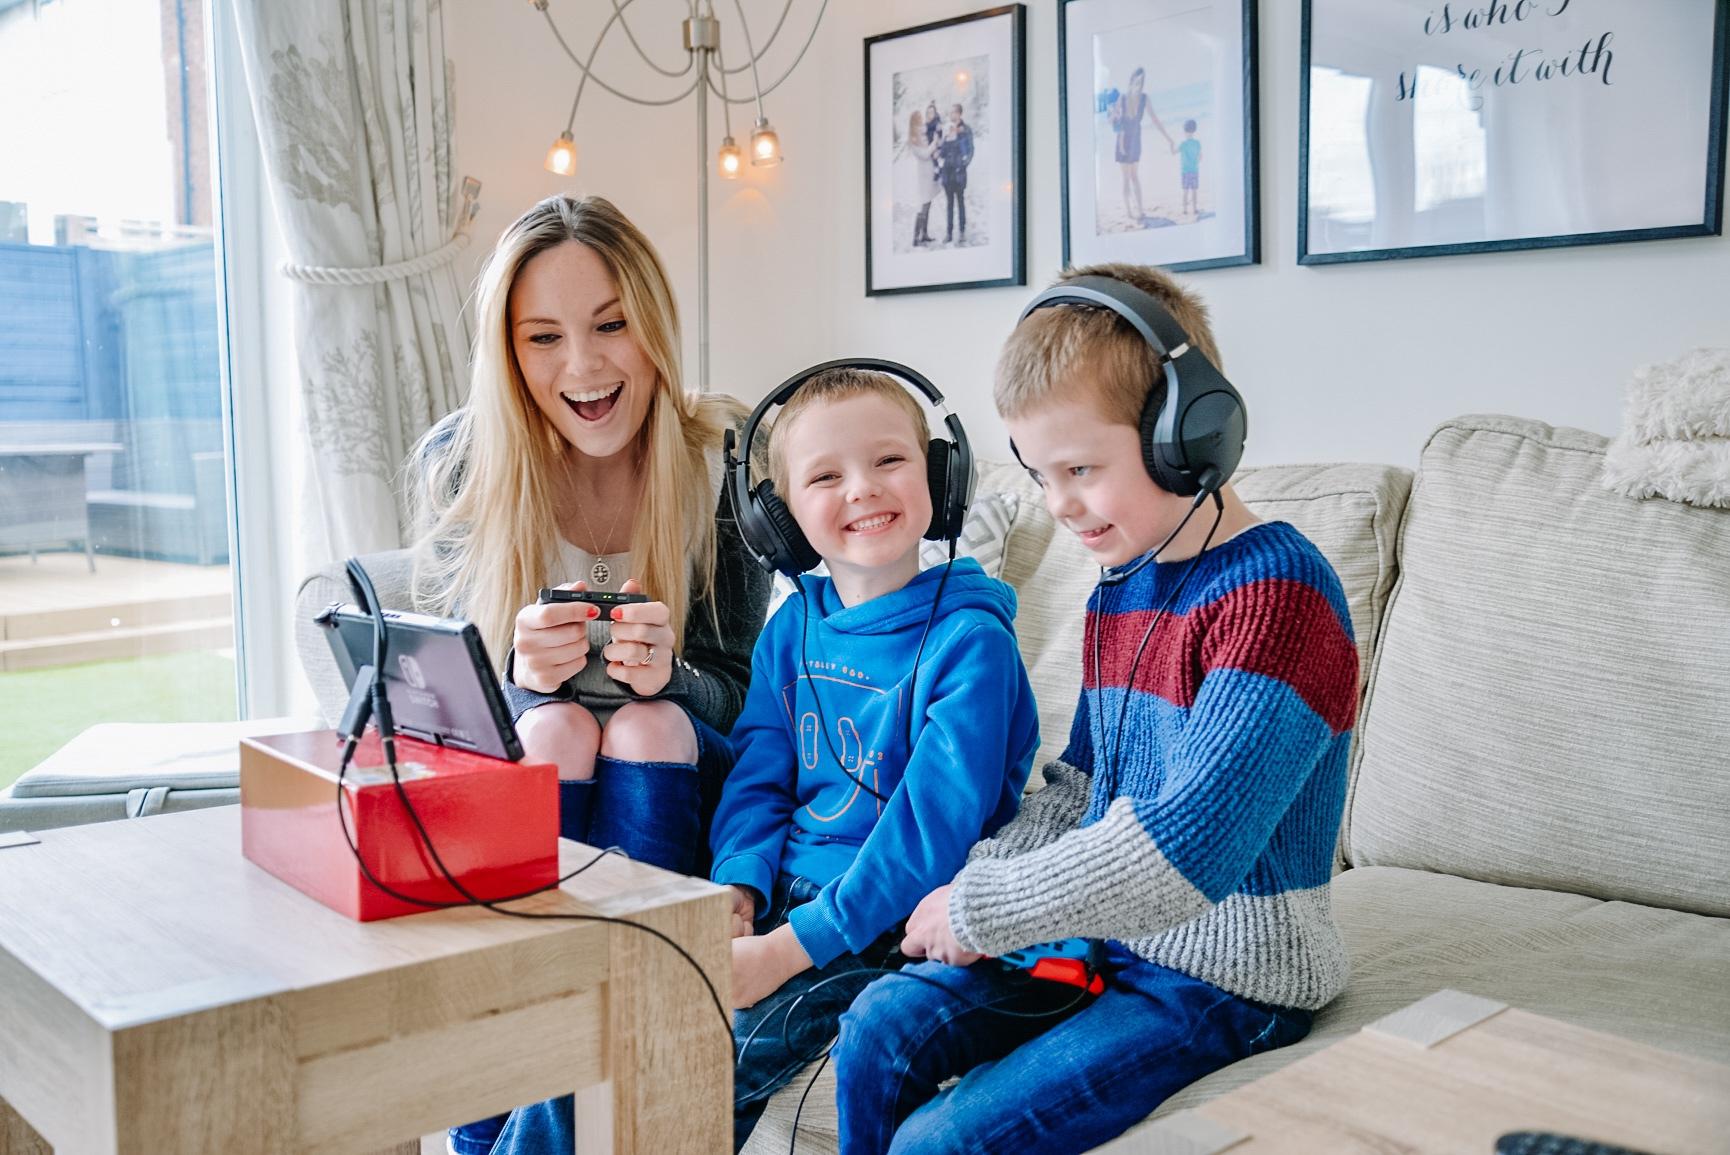 hyper x, hyper x headset review, girl gamer, wow girl gamer,